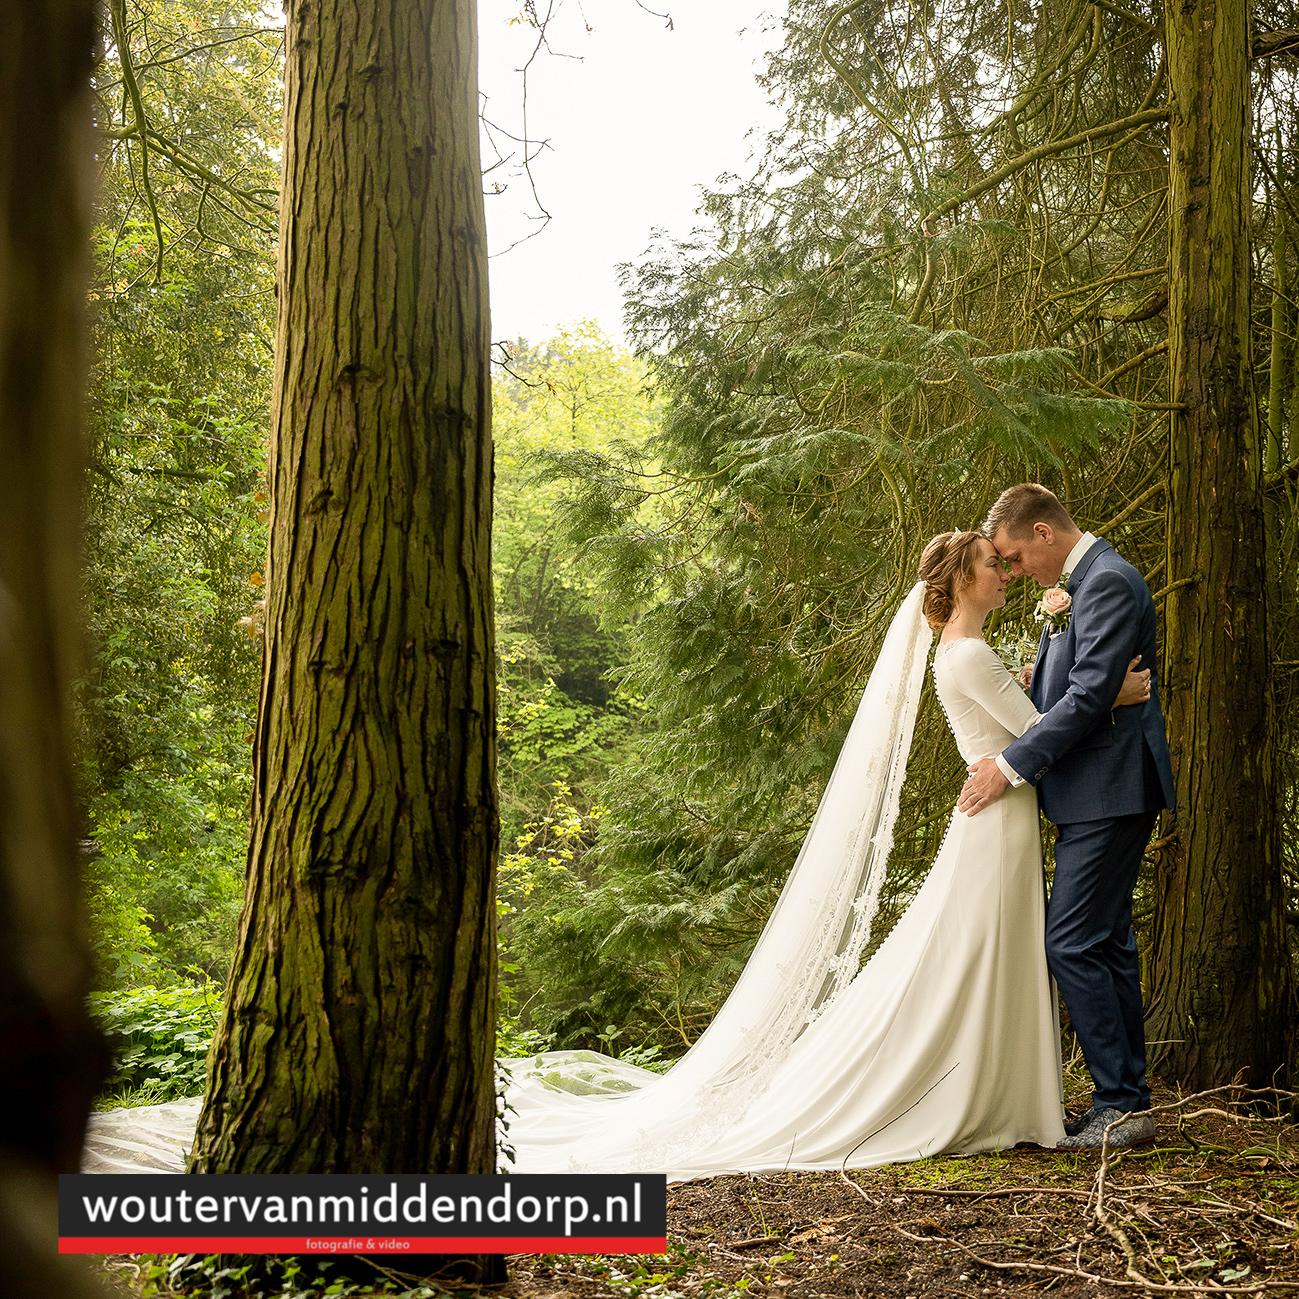 Wouter van Middendorp Bruidsfotografie_-6